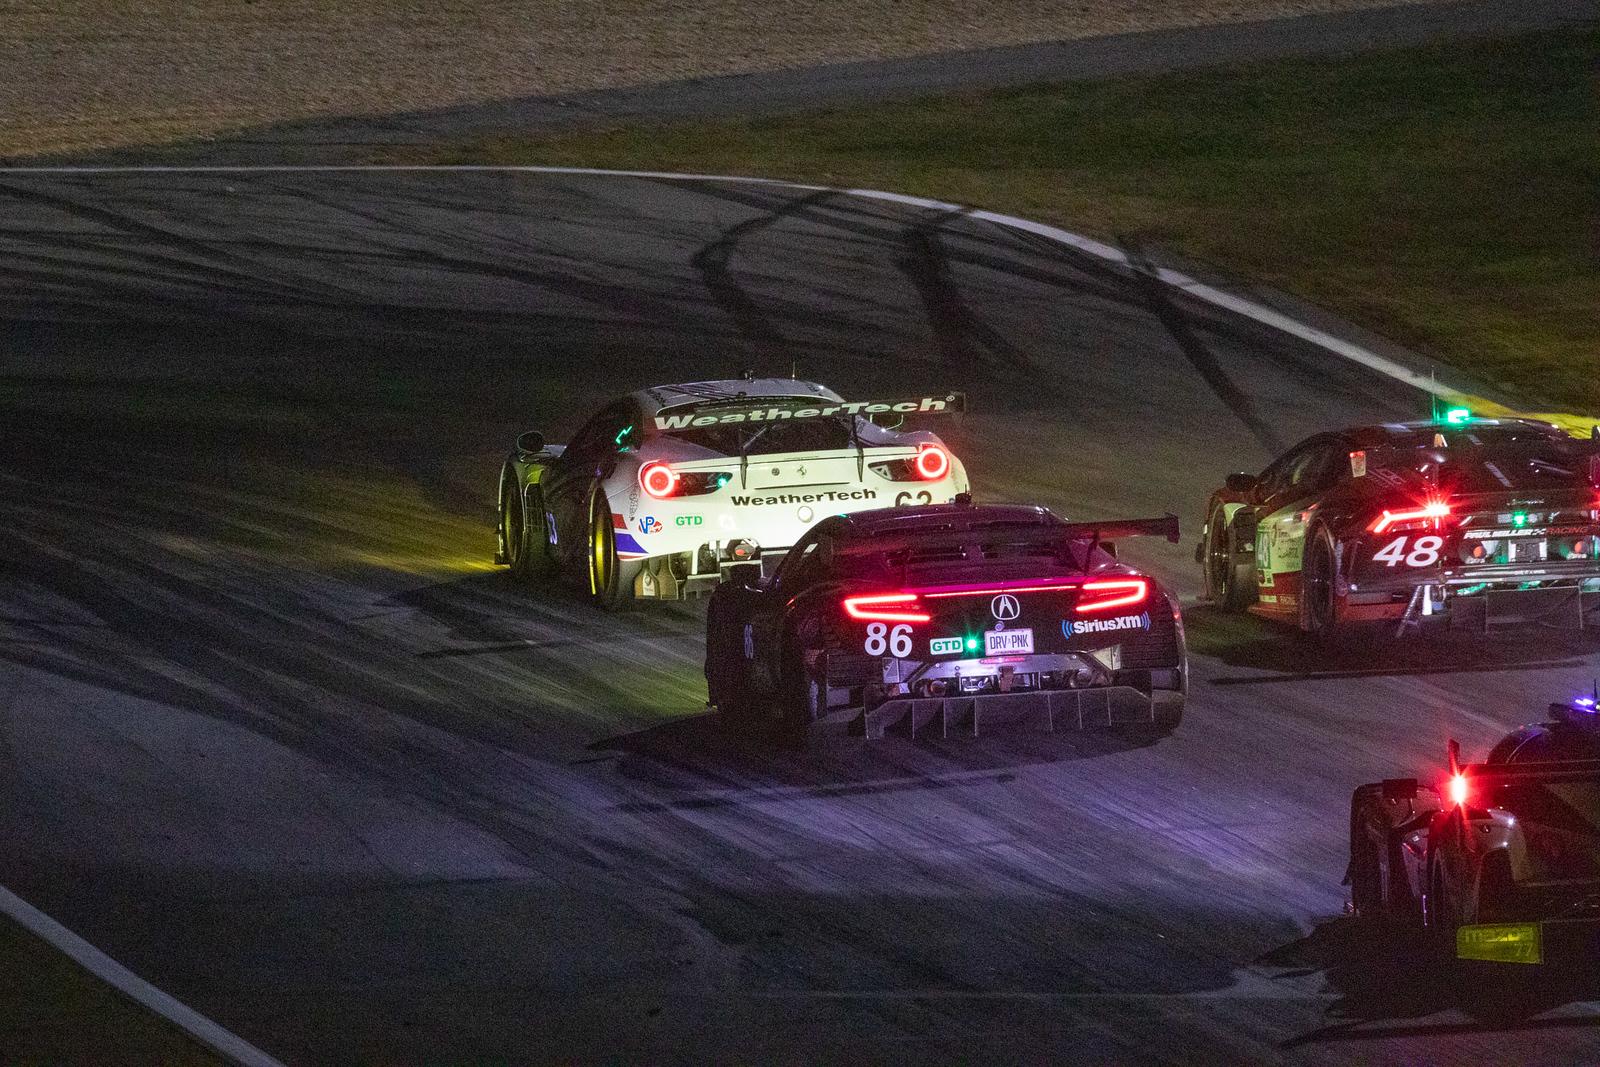 Ferrari making a pass.